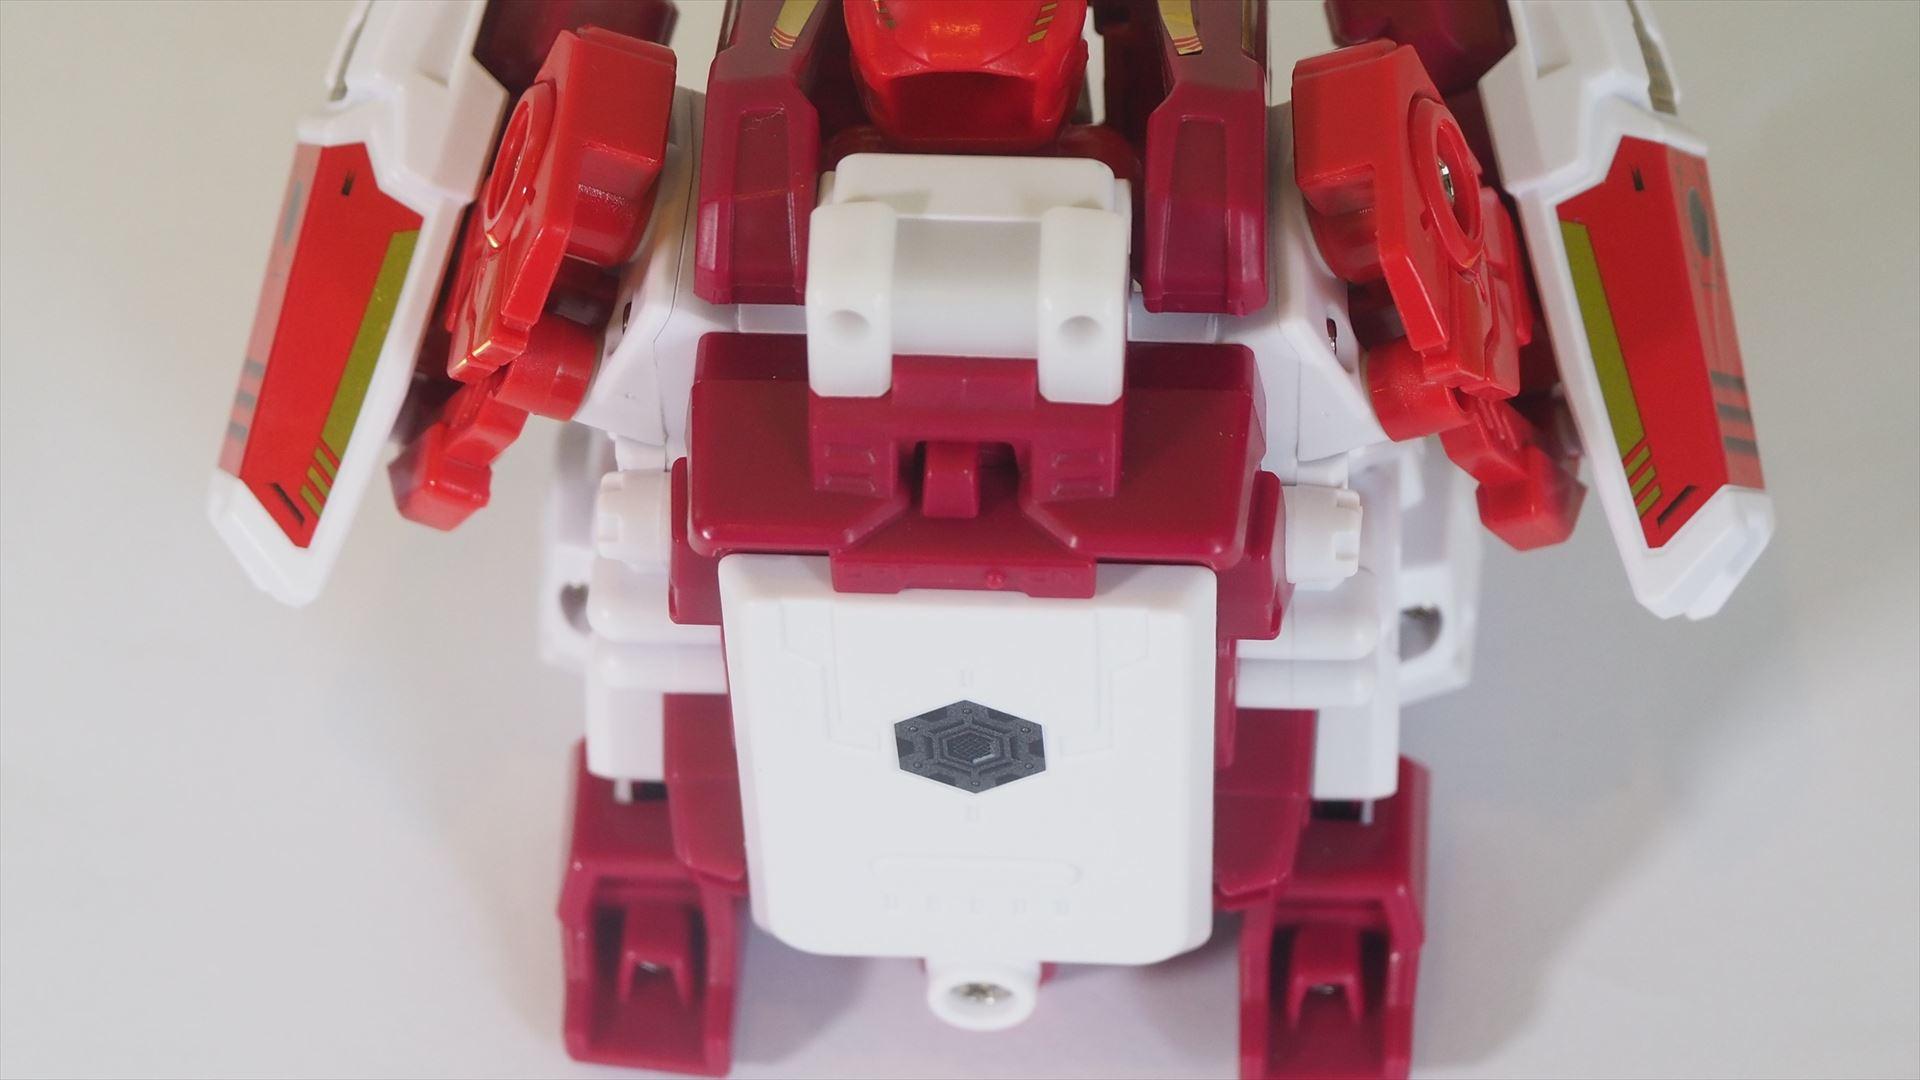 本体の背面上部に電源スイッチが用意されている